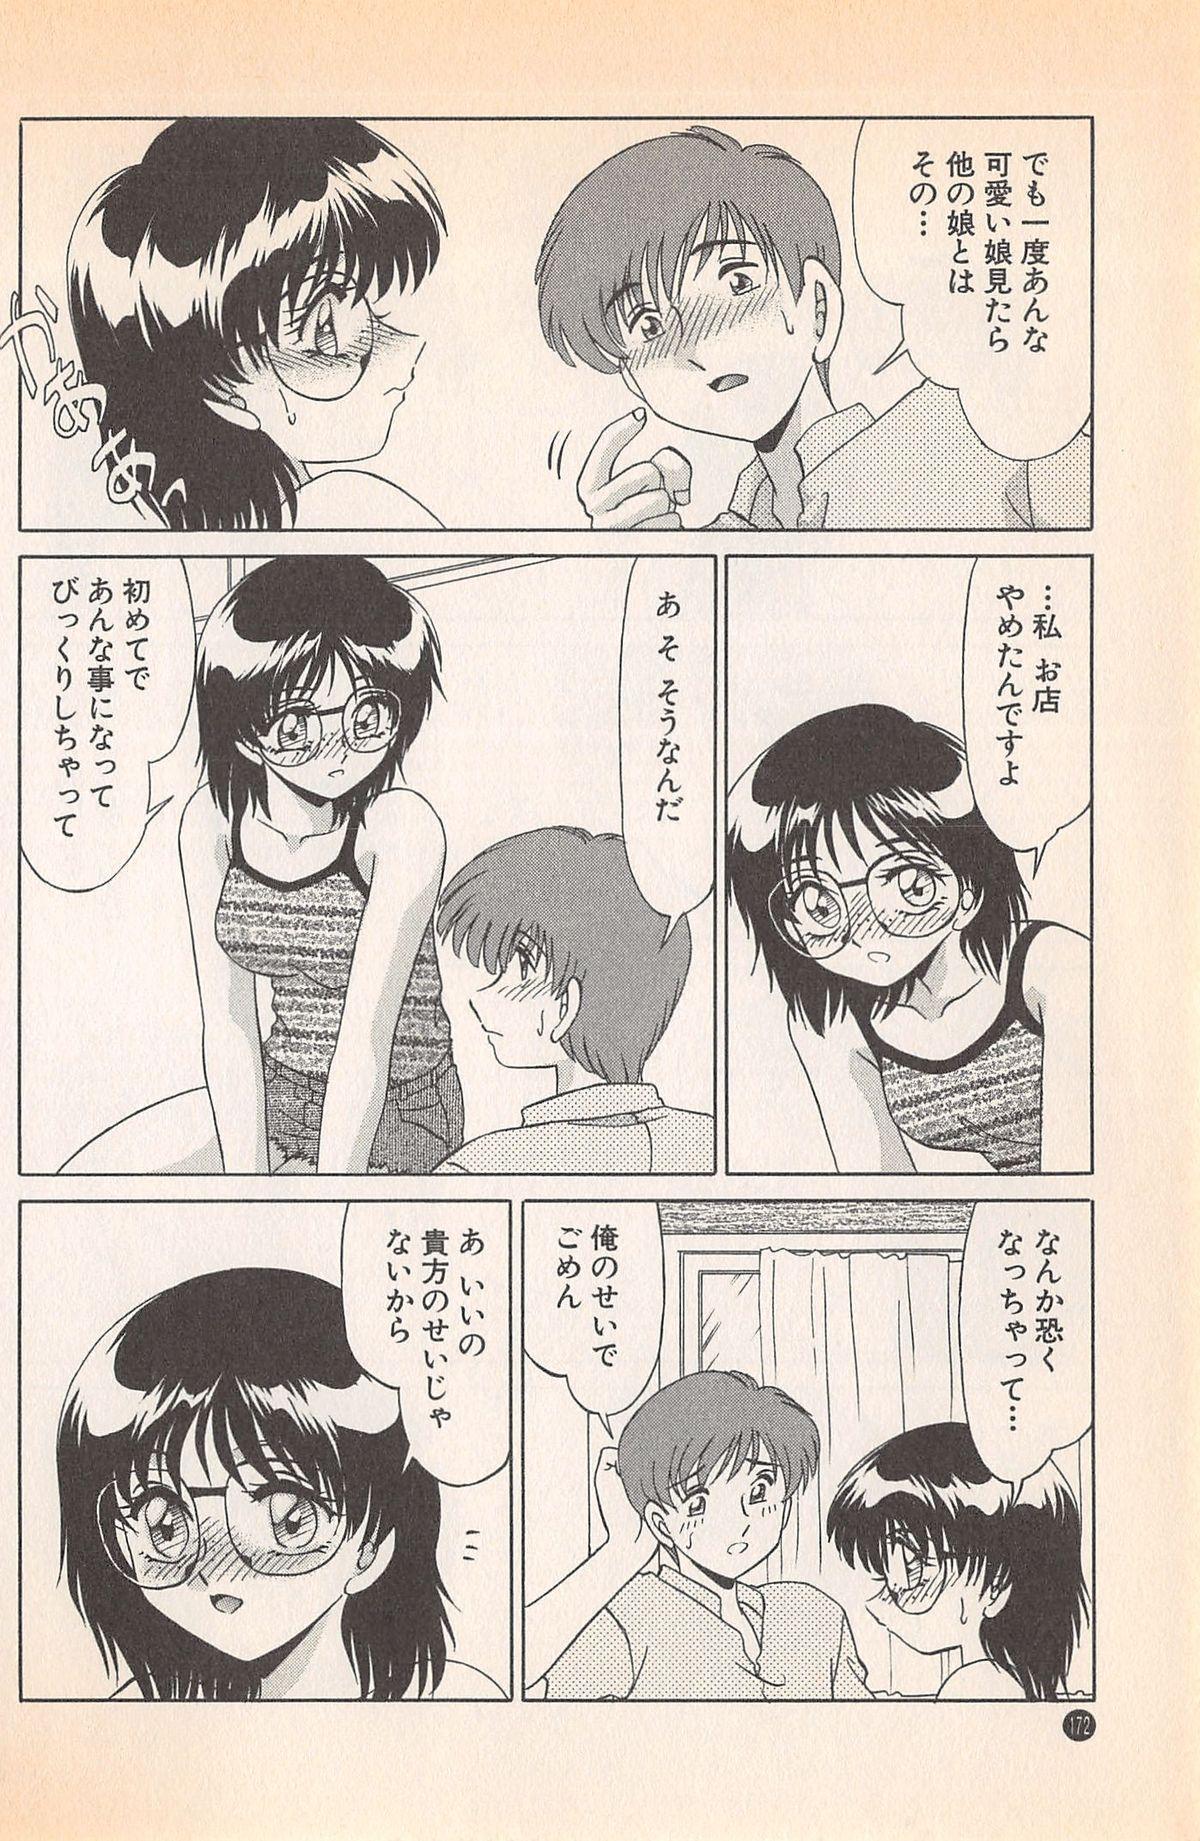 Doki Doki no Shikumi 173